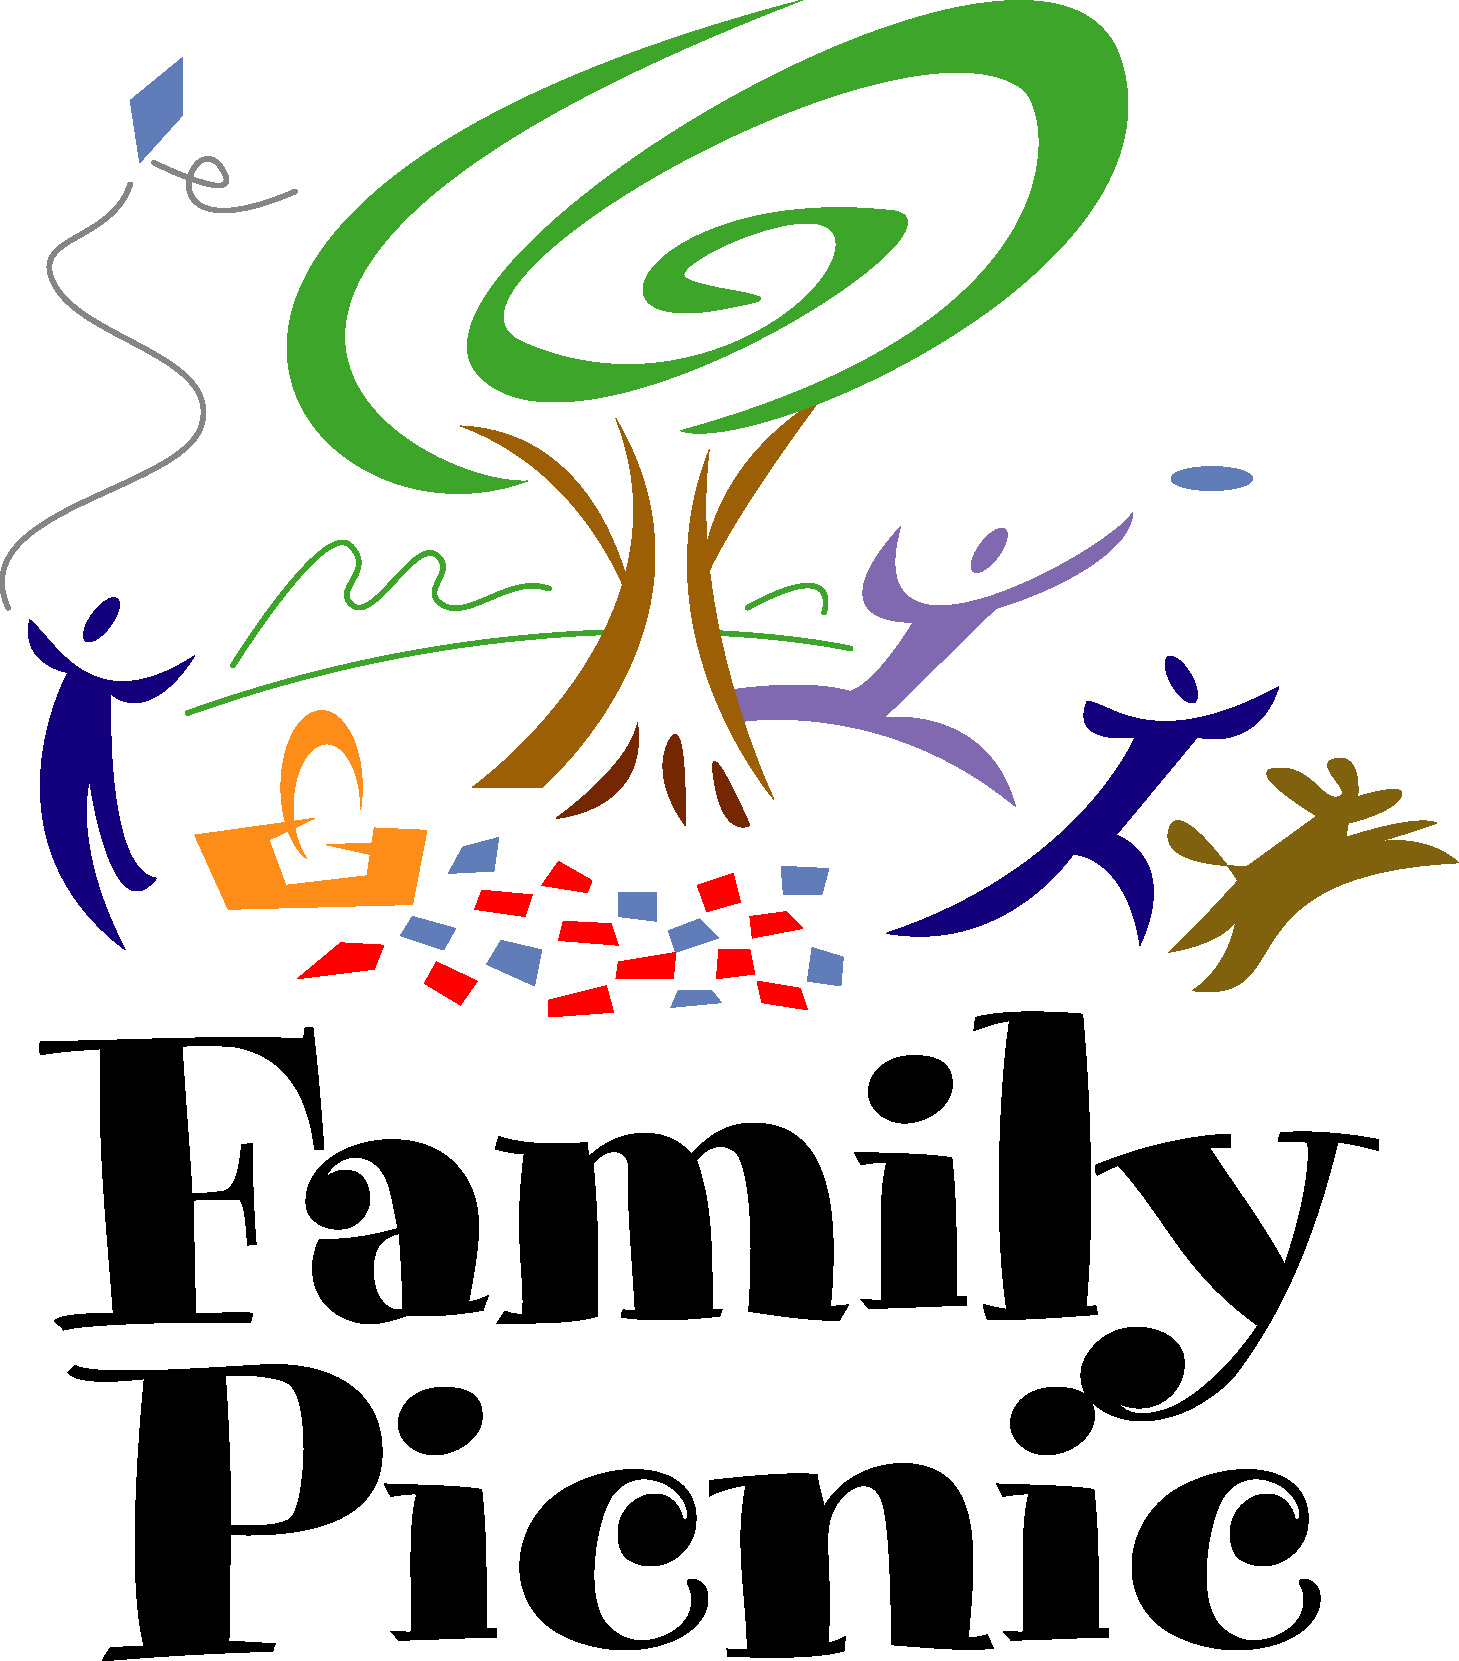 fun church picnic ideas